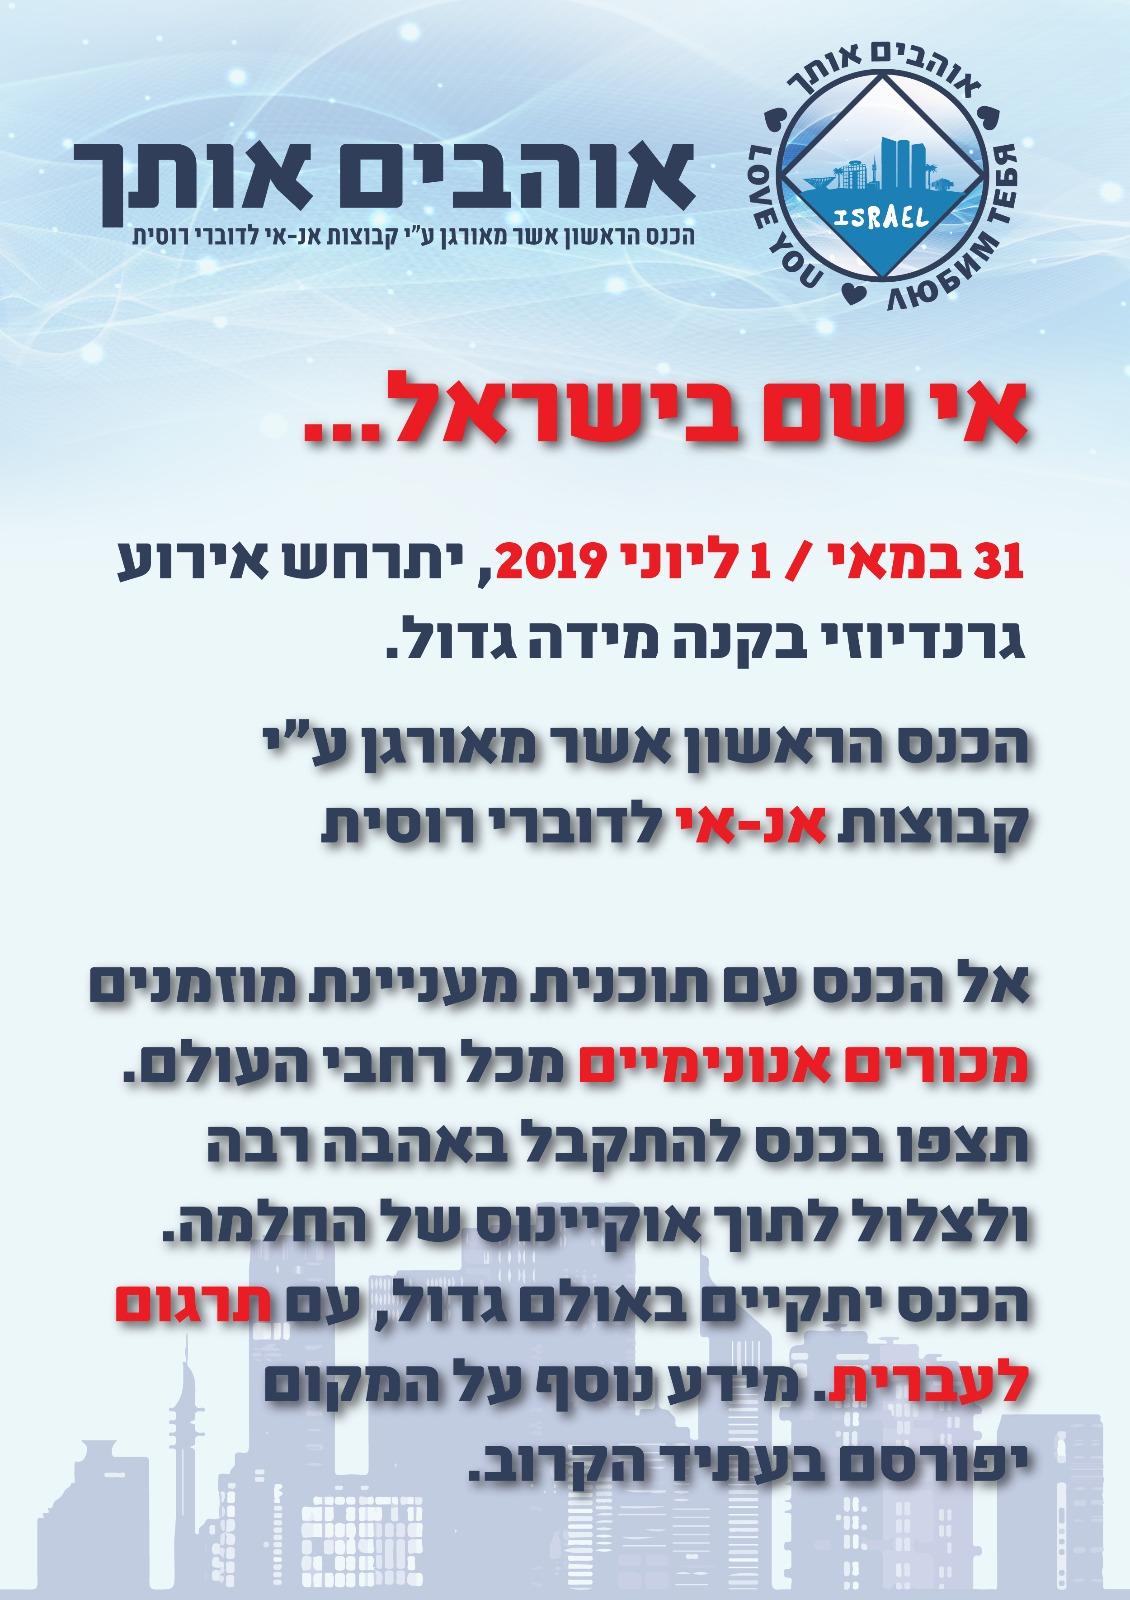 כנס ראשון של איזור דוברי רוסית של אנ-איי ישראל